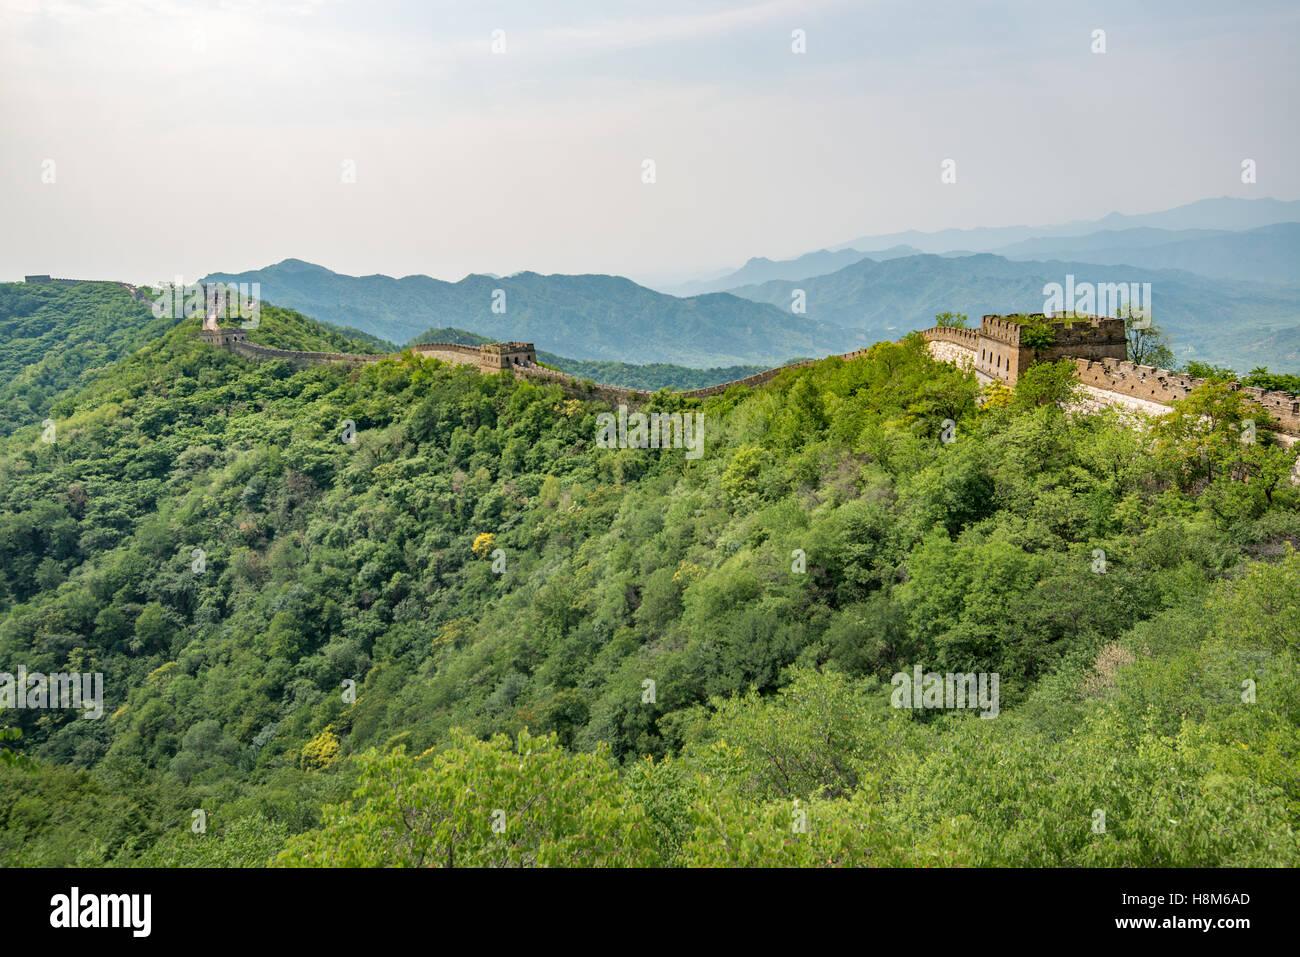 Mutianyu, Cina - Vista del paesaggio della Grande Muraglia Cinese. La parete si estende per oltre 6 mila chilometri Immagini Stock